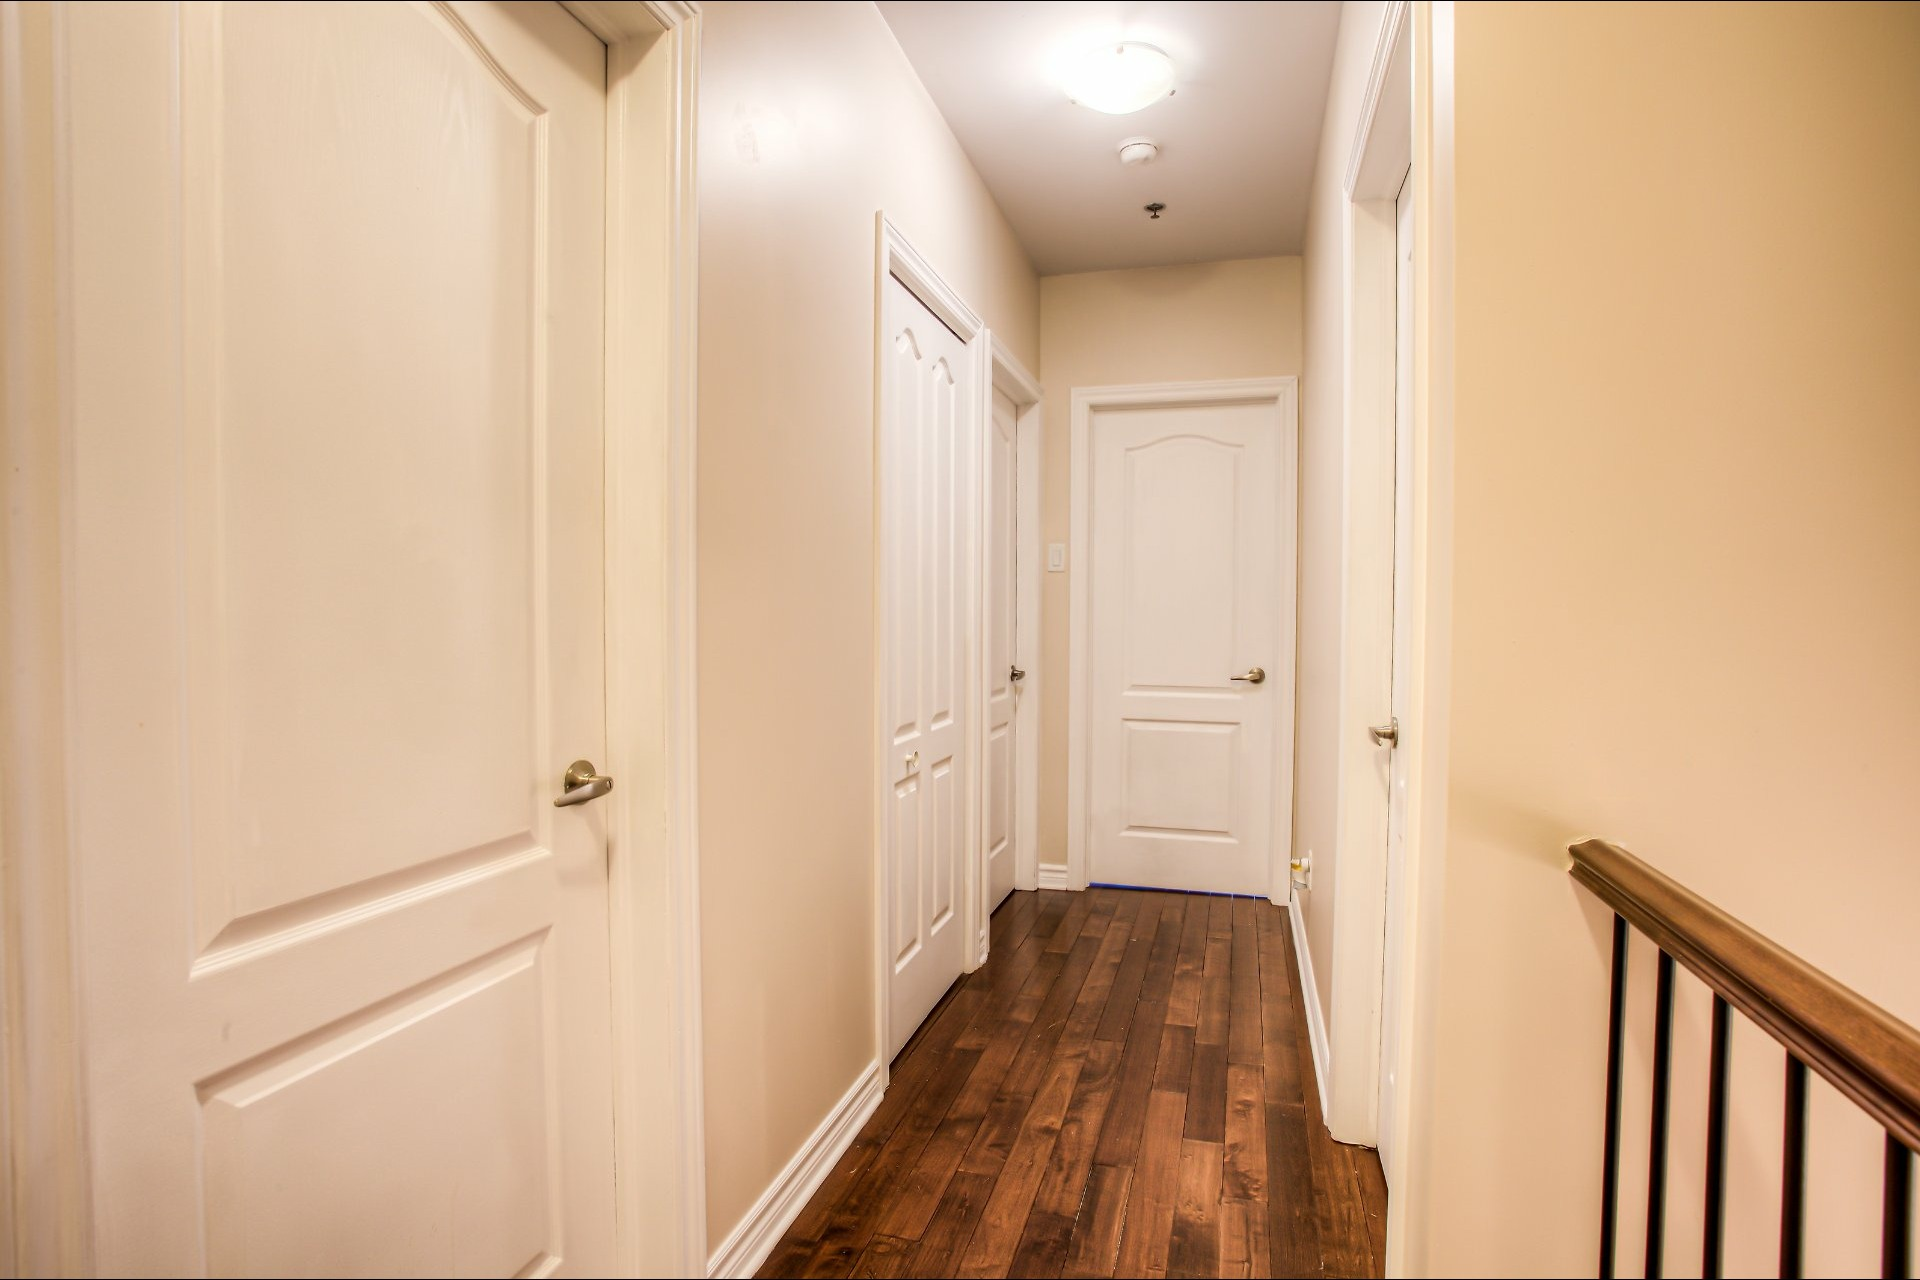 image 21 - Apartment For sale Saint-Laurent Montréal  - 9 rooms